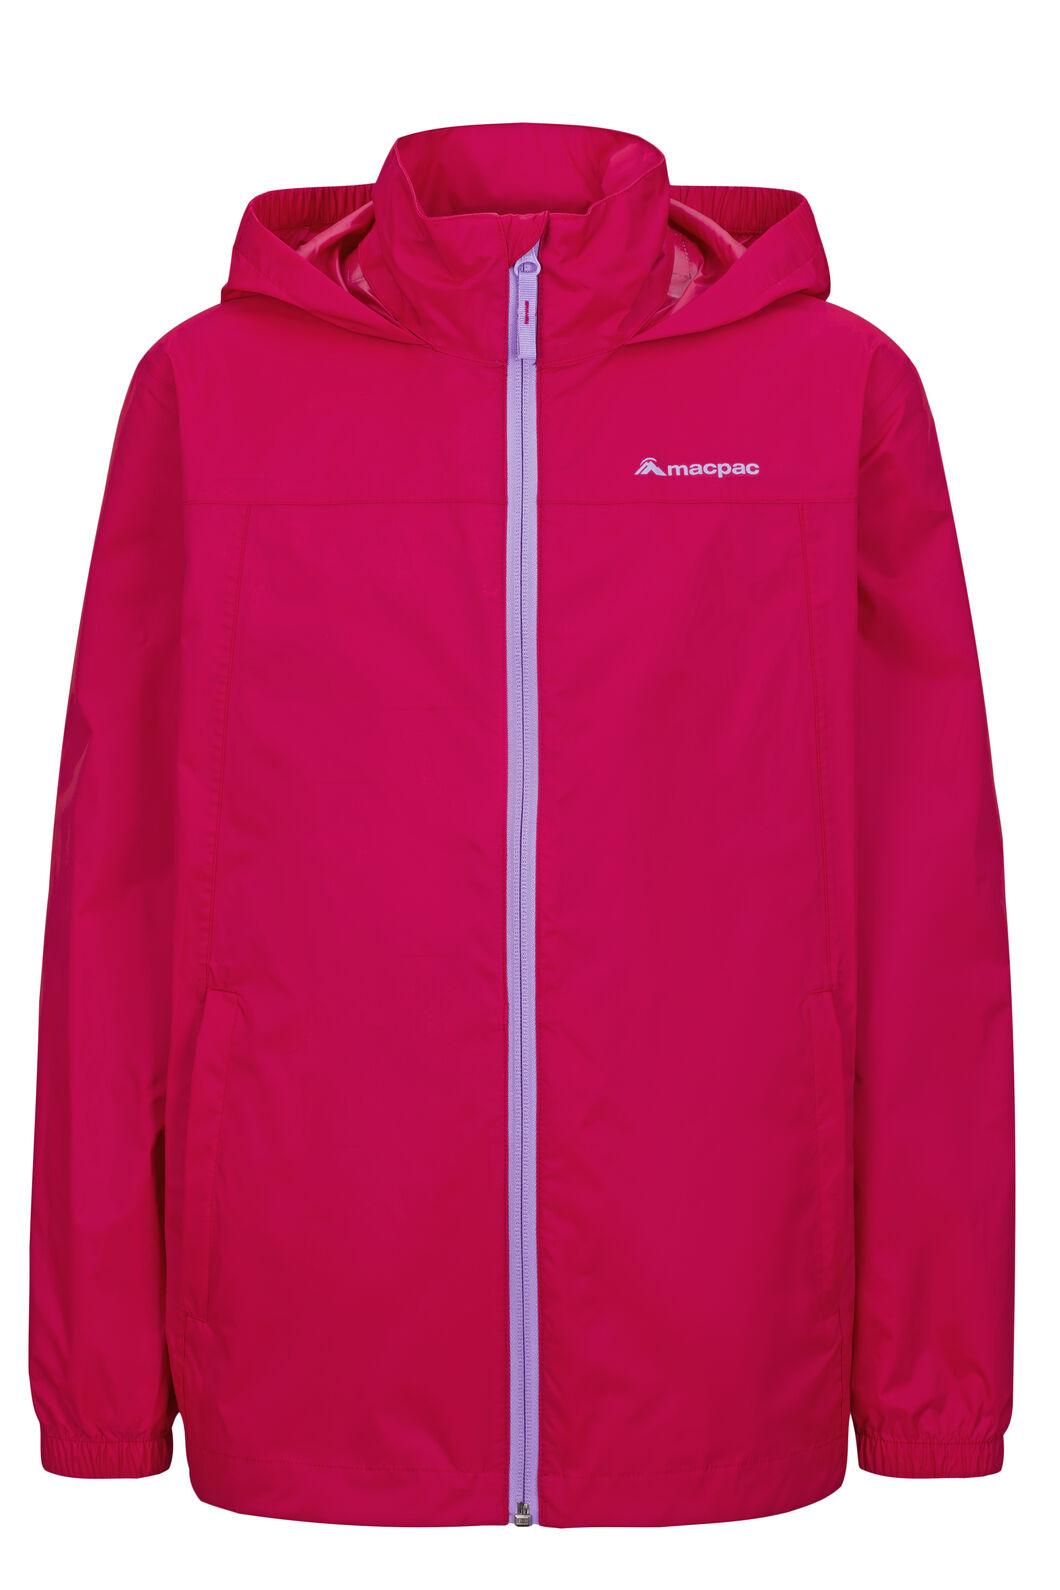 Macpac Pack-It-Jacket — Kids', Raspberry Wine, hi-res